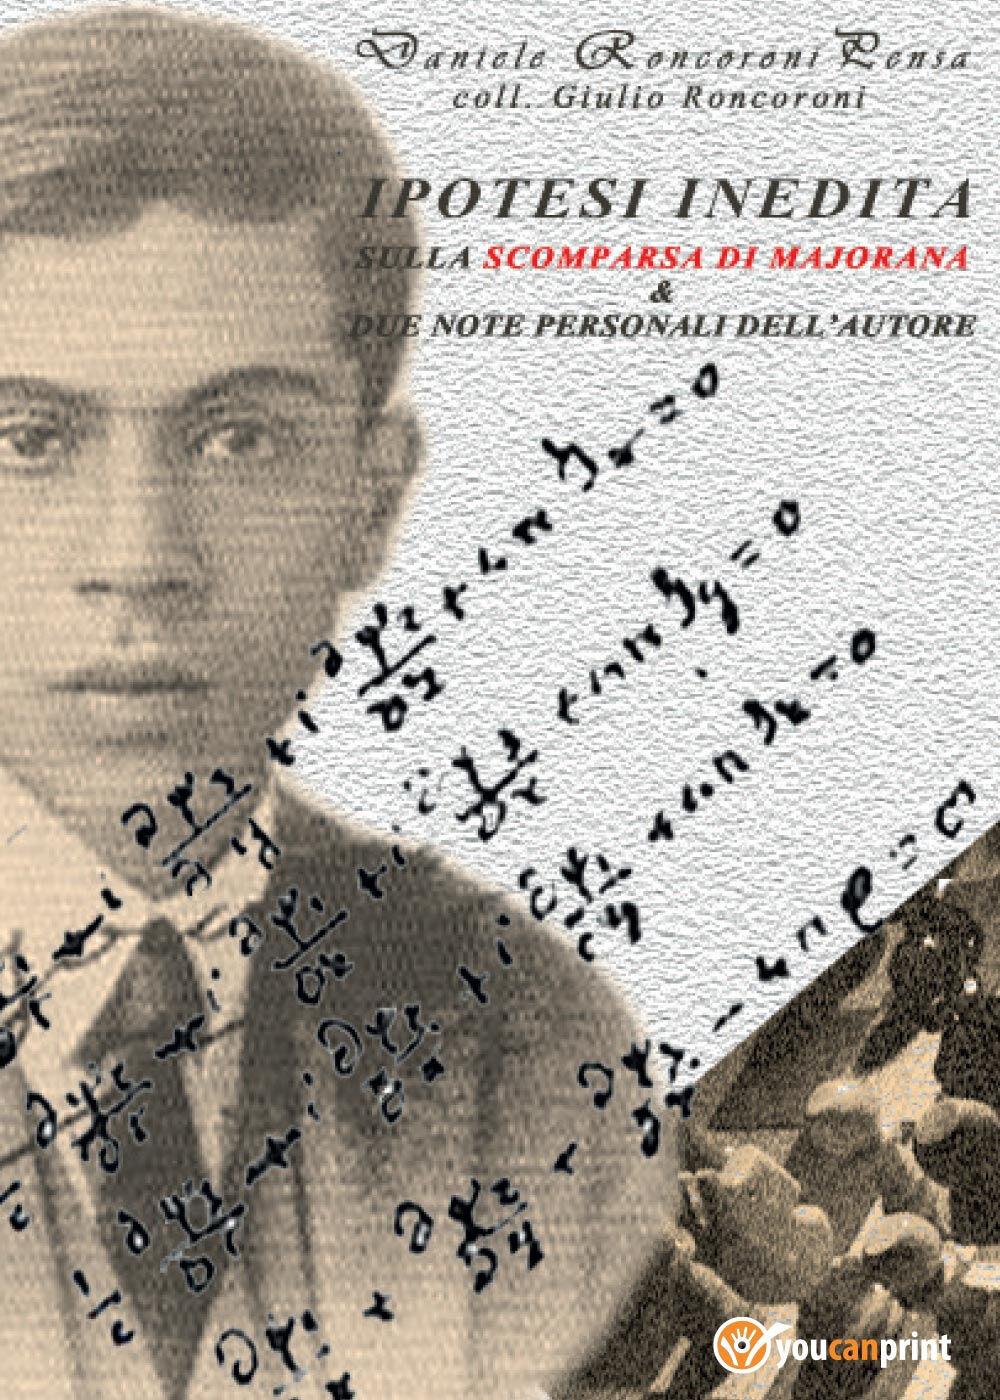 Ipotesi indedita sulla scomparsa di Ettore Majorana e due note personali dell'autore